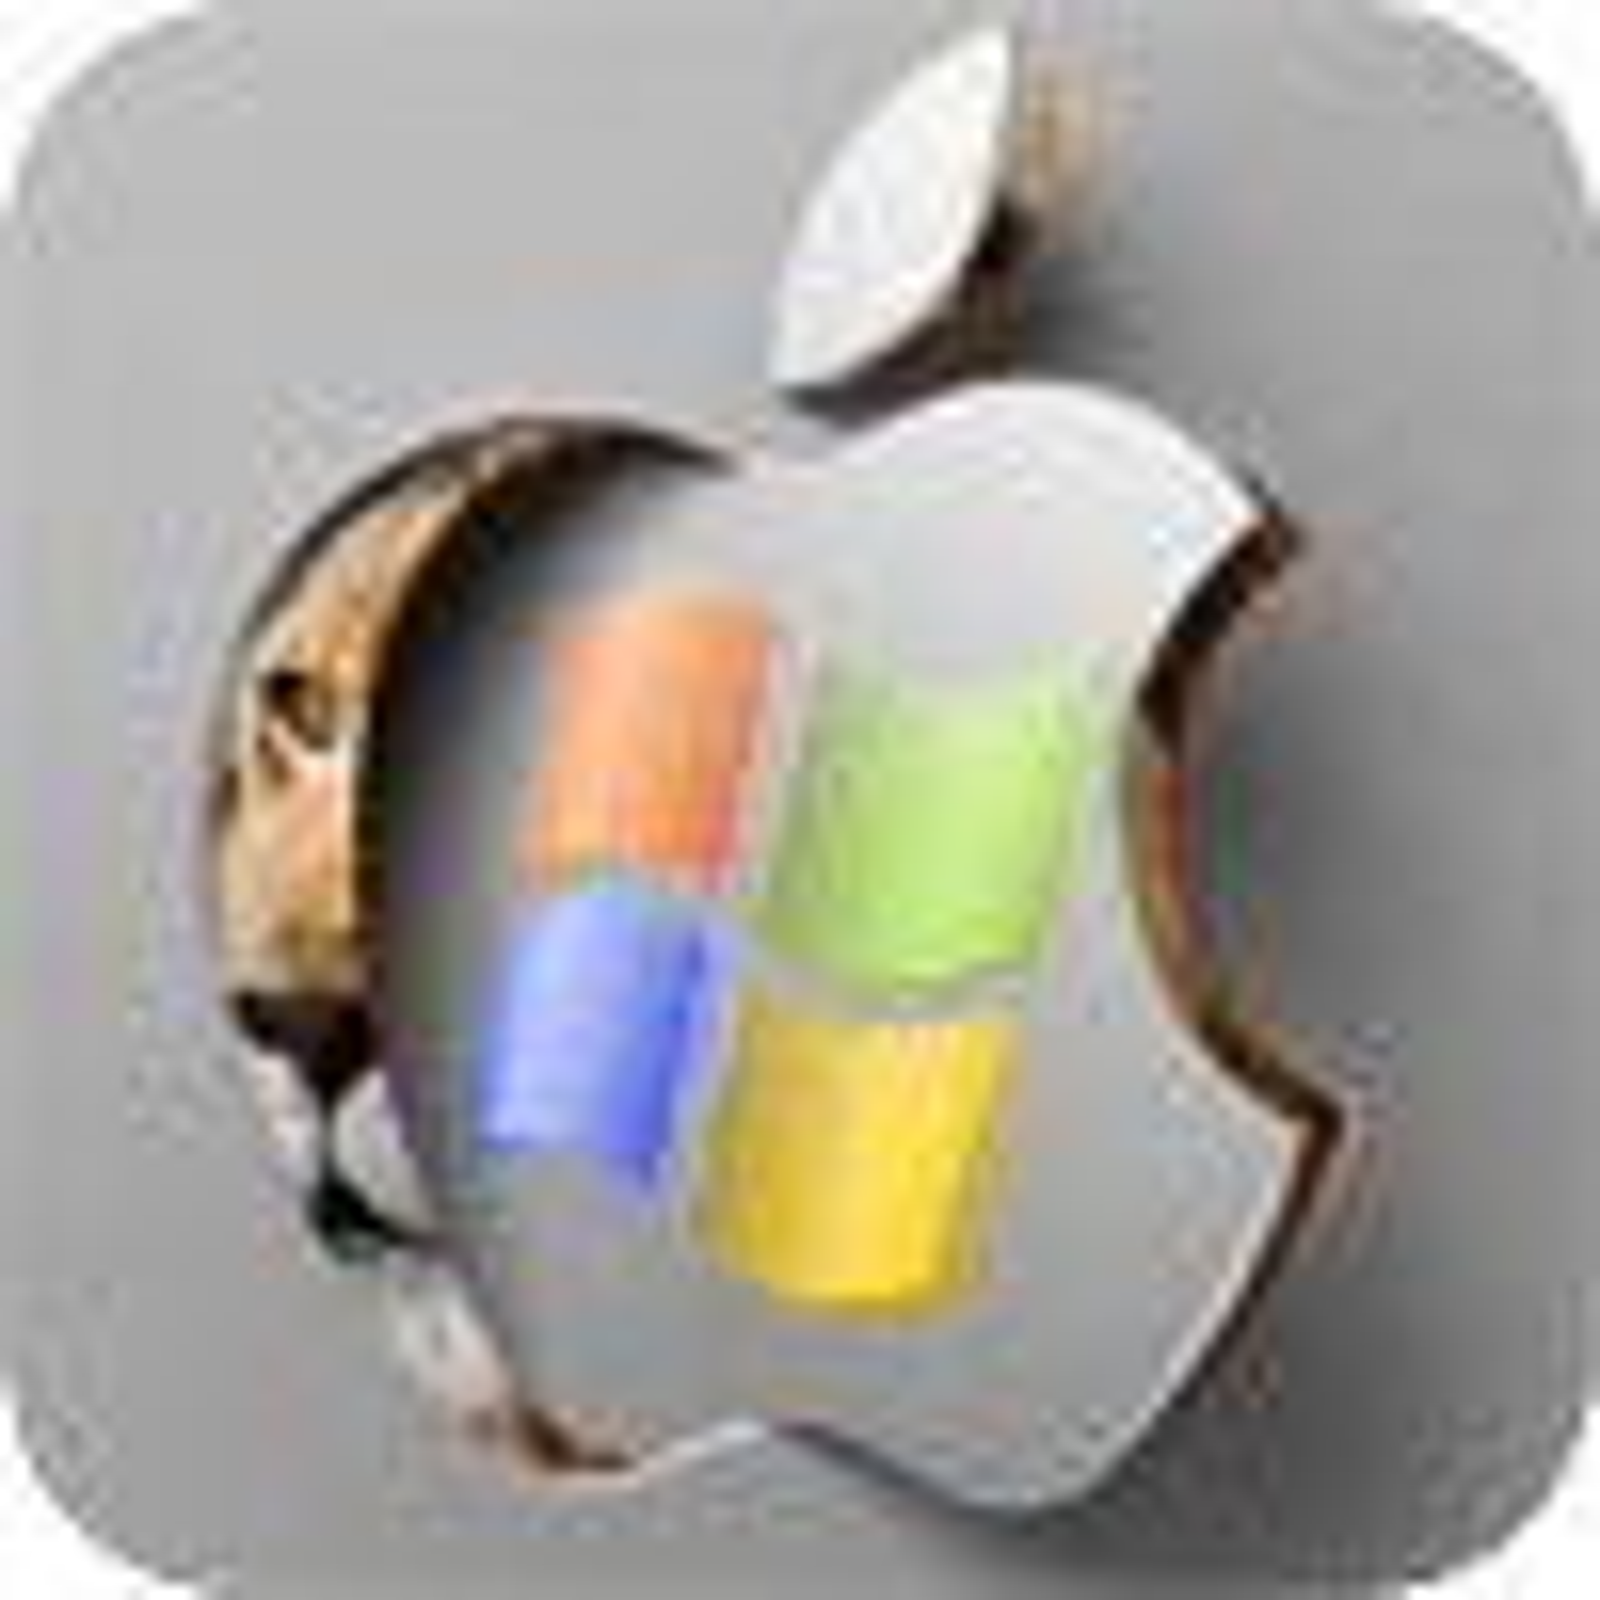 Lion Skin Pack para Windows 7 13